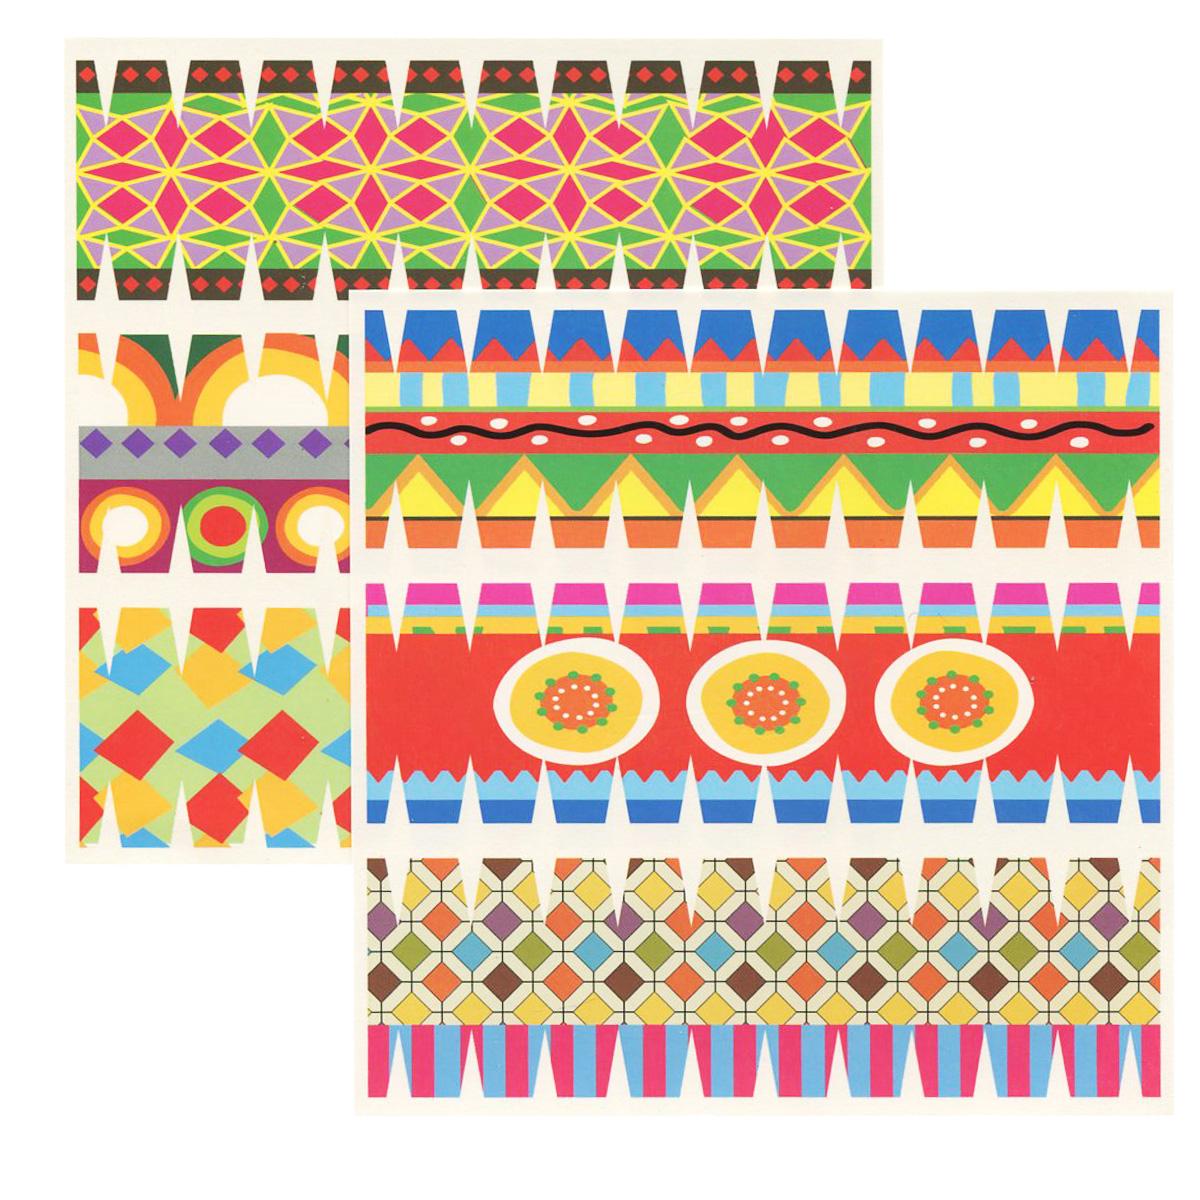 Набор переводных наклеек для яиц Home Queen Пасха, 6 шт60883_6Набор Home Queen Пасха состоит из 6 переводных наклеек, которые предназначены для декорирования пасхальных яиц. Наклейки выполнены из бумаги и украшены различными узорами. Такой набор украшений создаст атмосферу праздника в вашем доме. Размер наклейки: 4,4 см х 14,5 см.